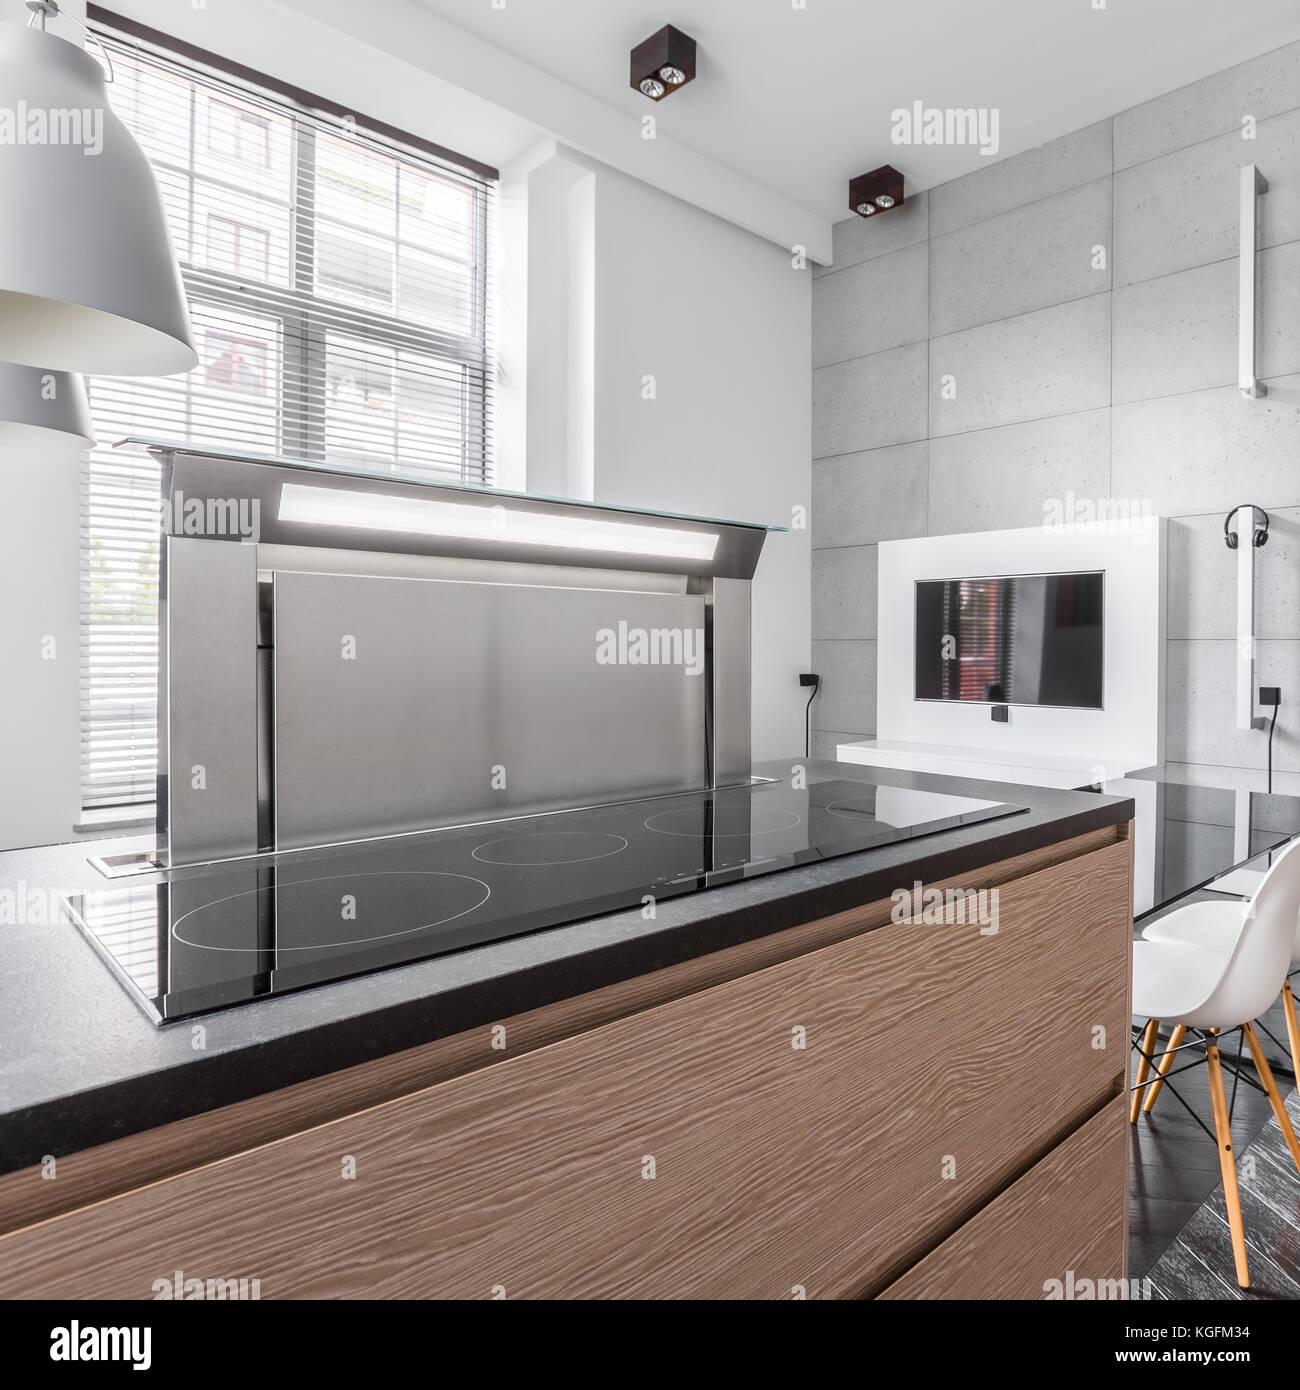 Moderne Induktionskochfeld Im Stilvollen Granit Kuchenarbeitsplatte